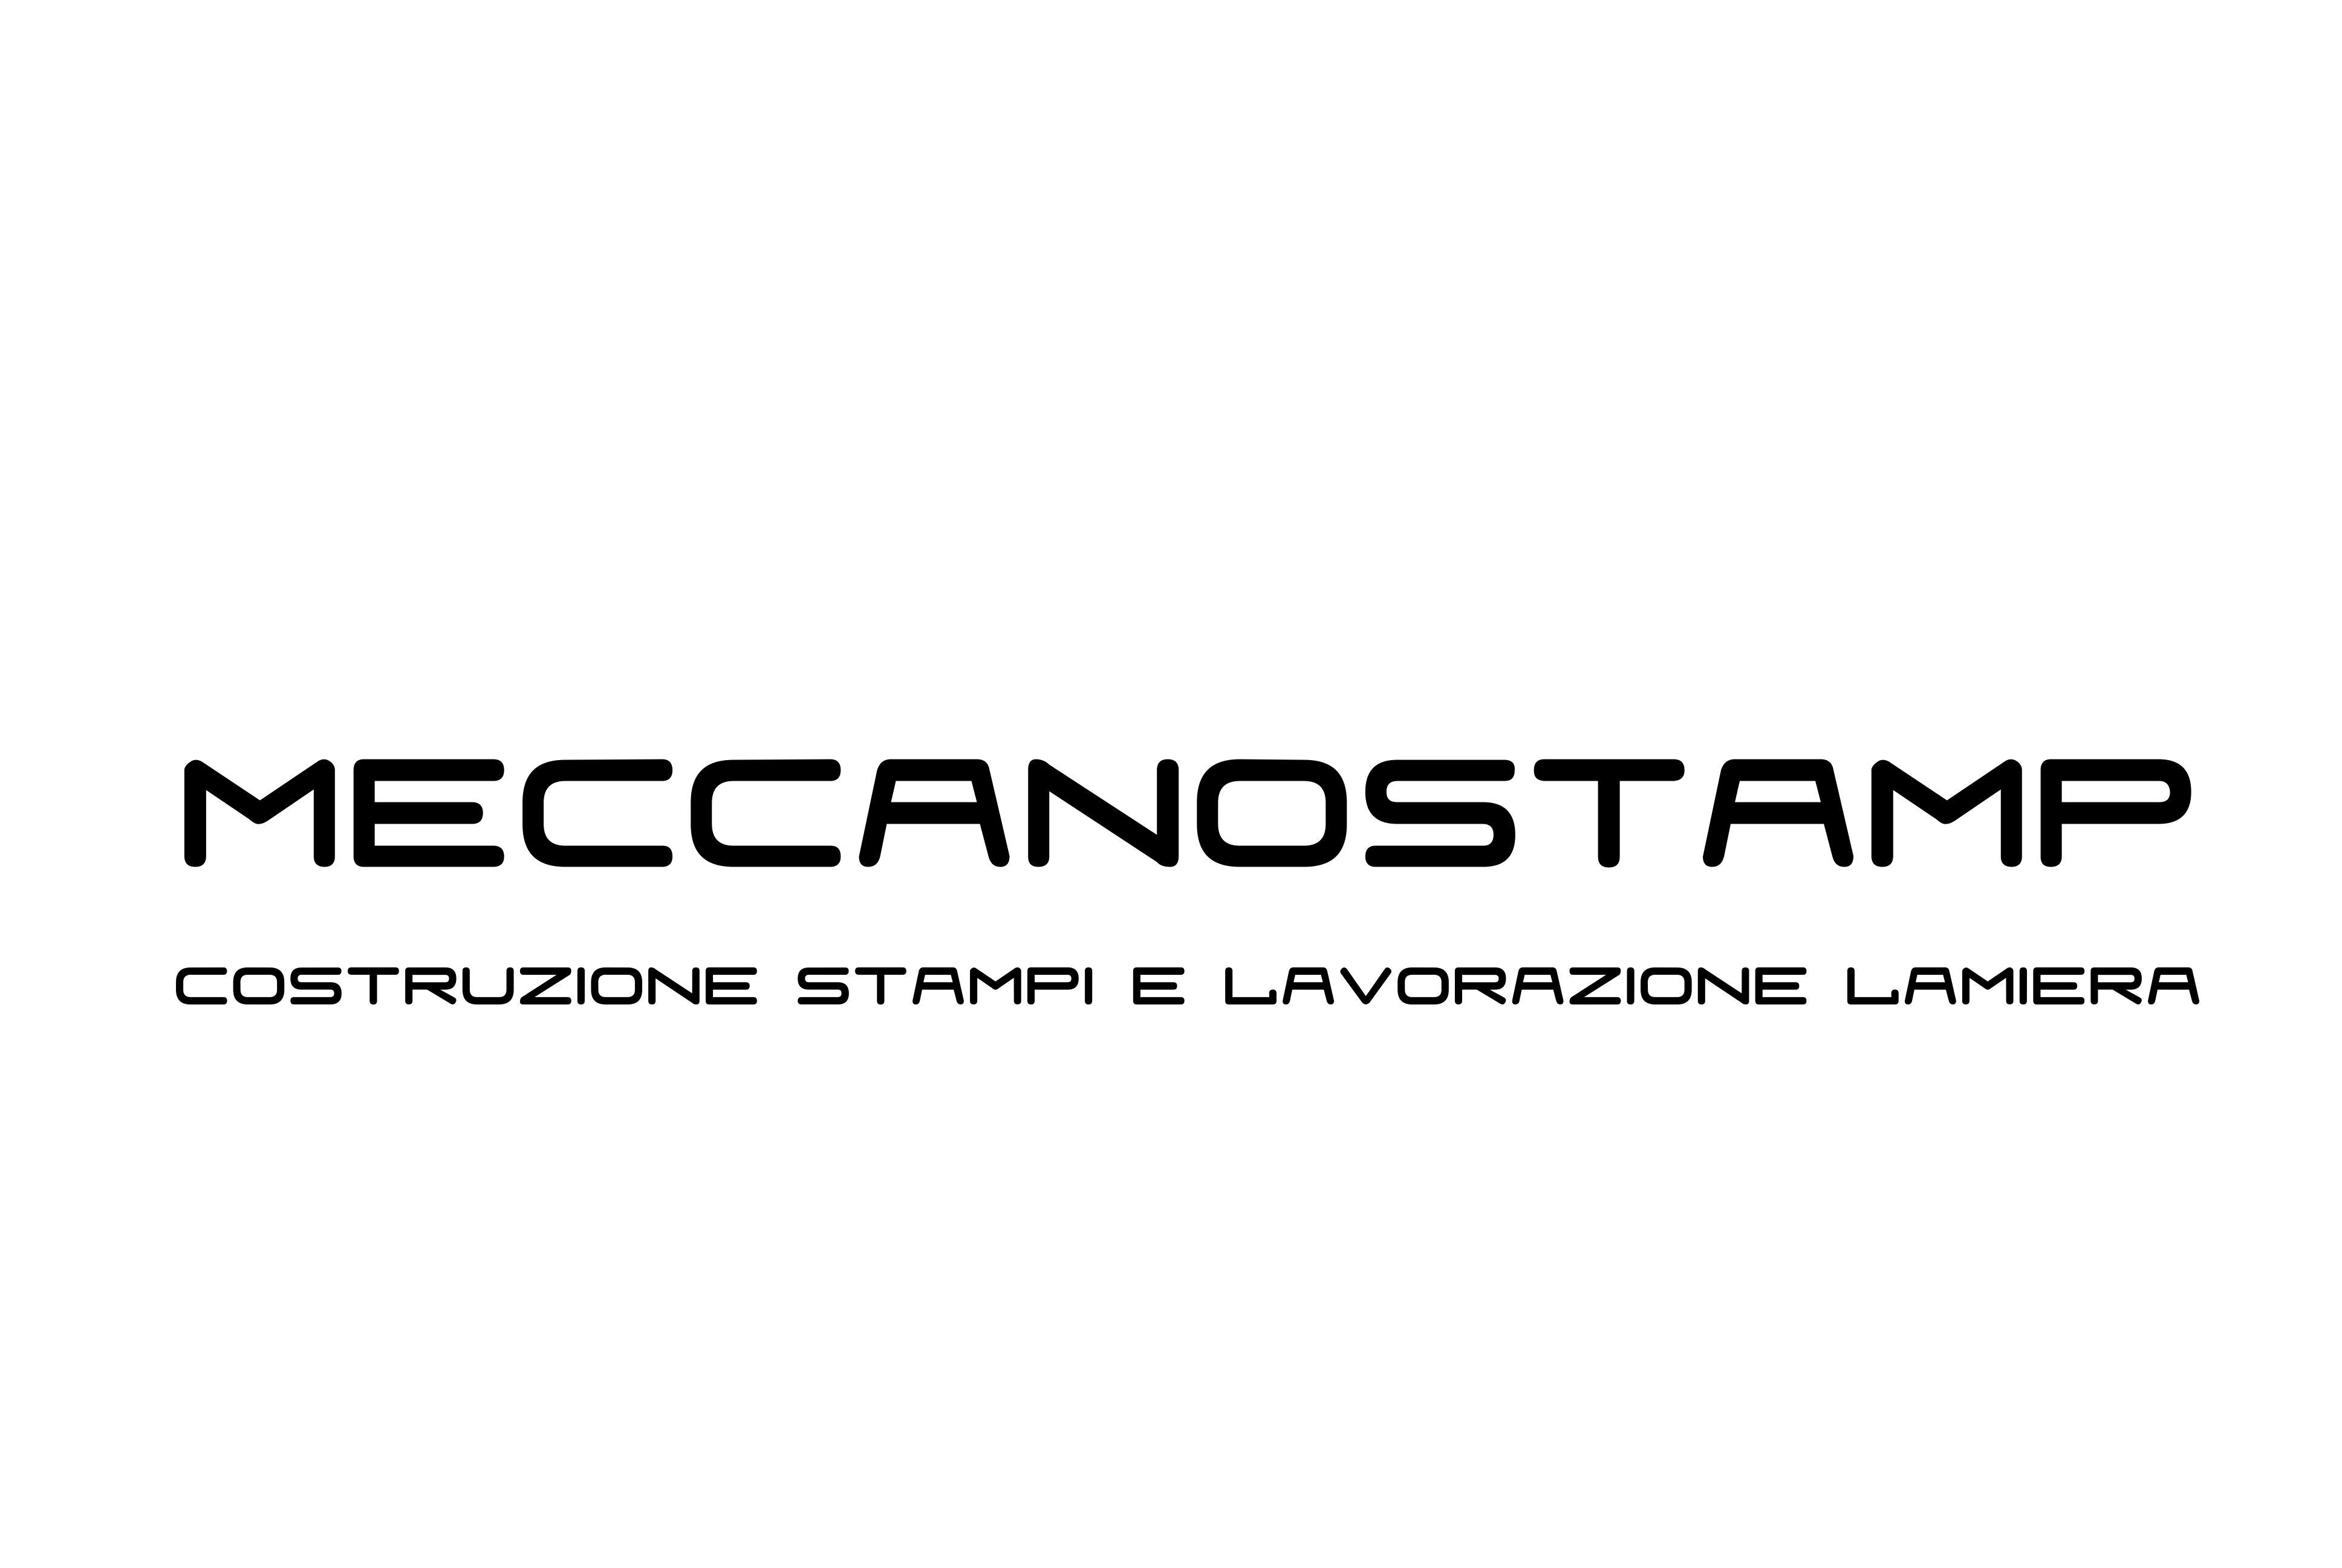 MECCANOSTAMP